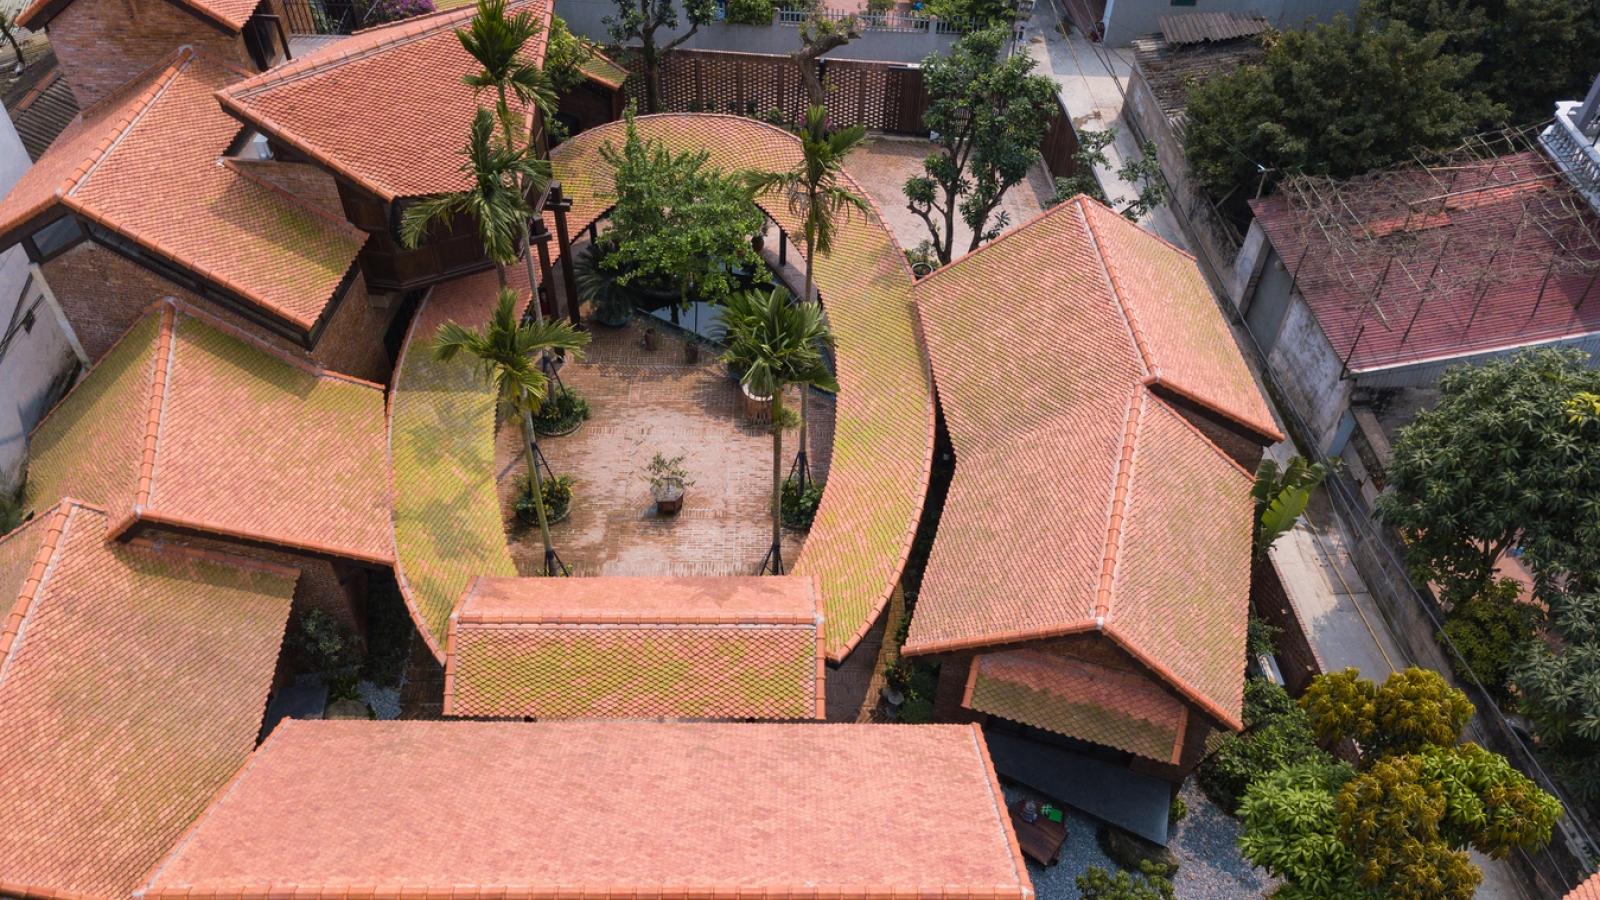 Ngôi nhà mô phỏng cấu trúc làng cổ ở Hà Nội